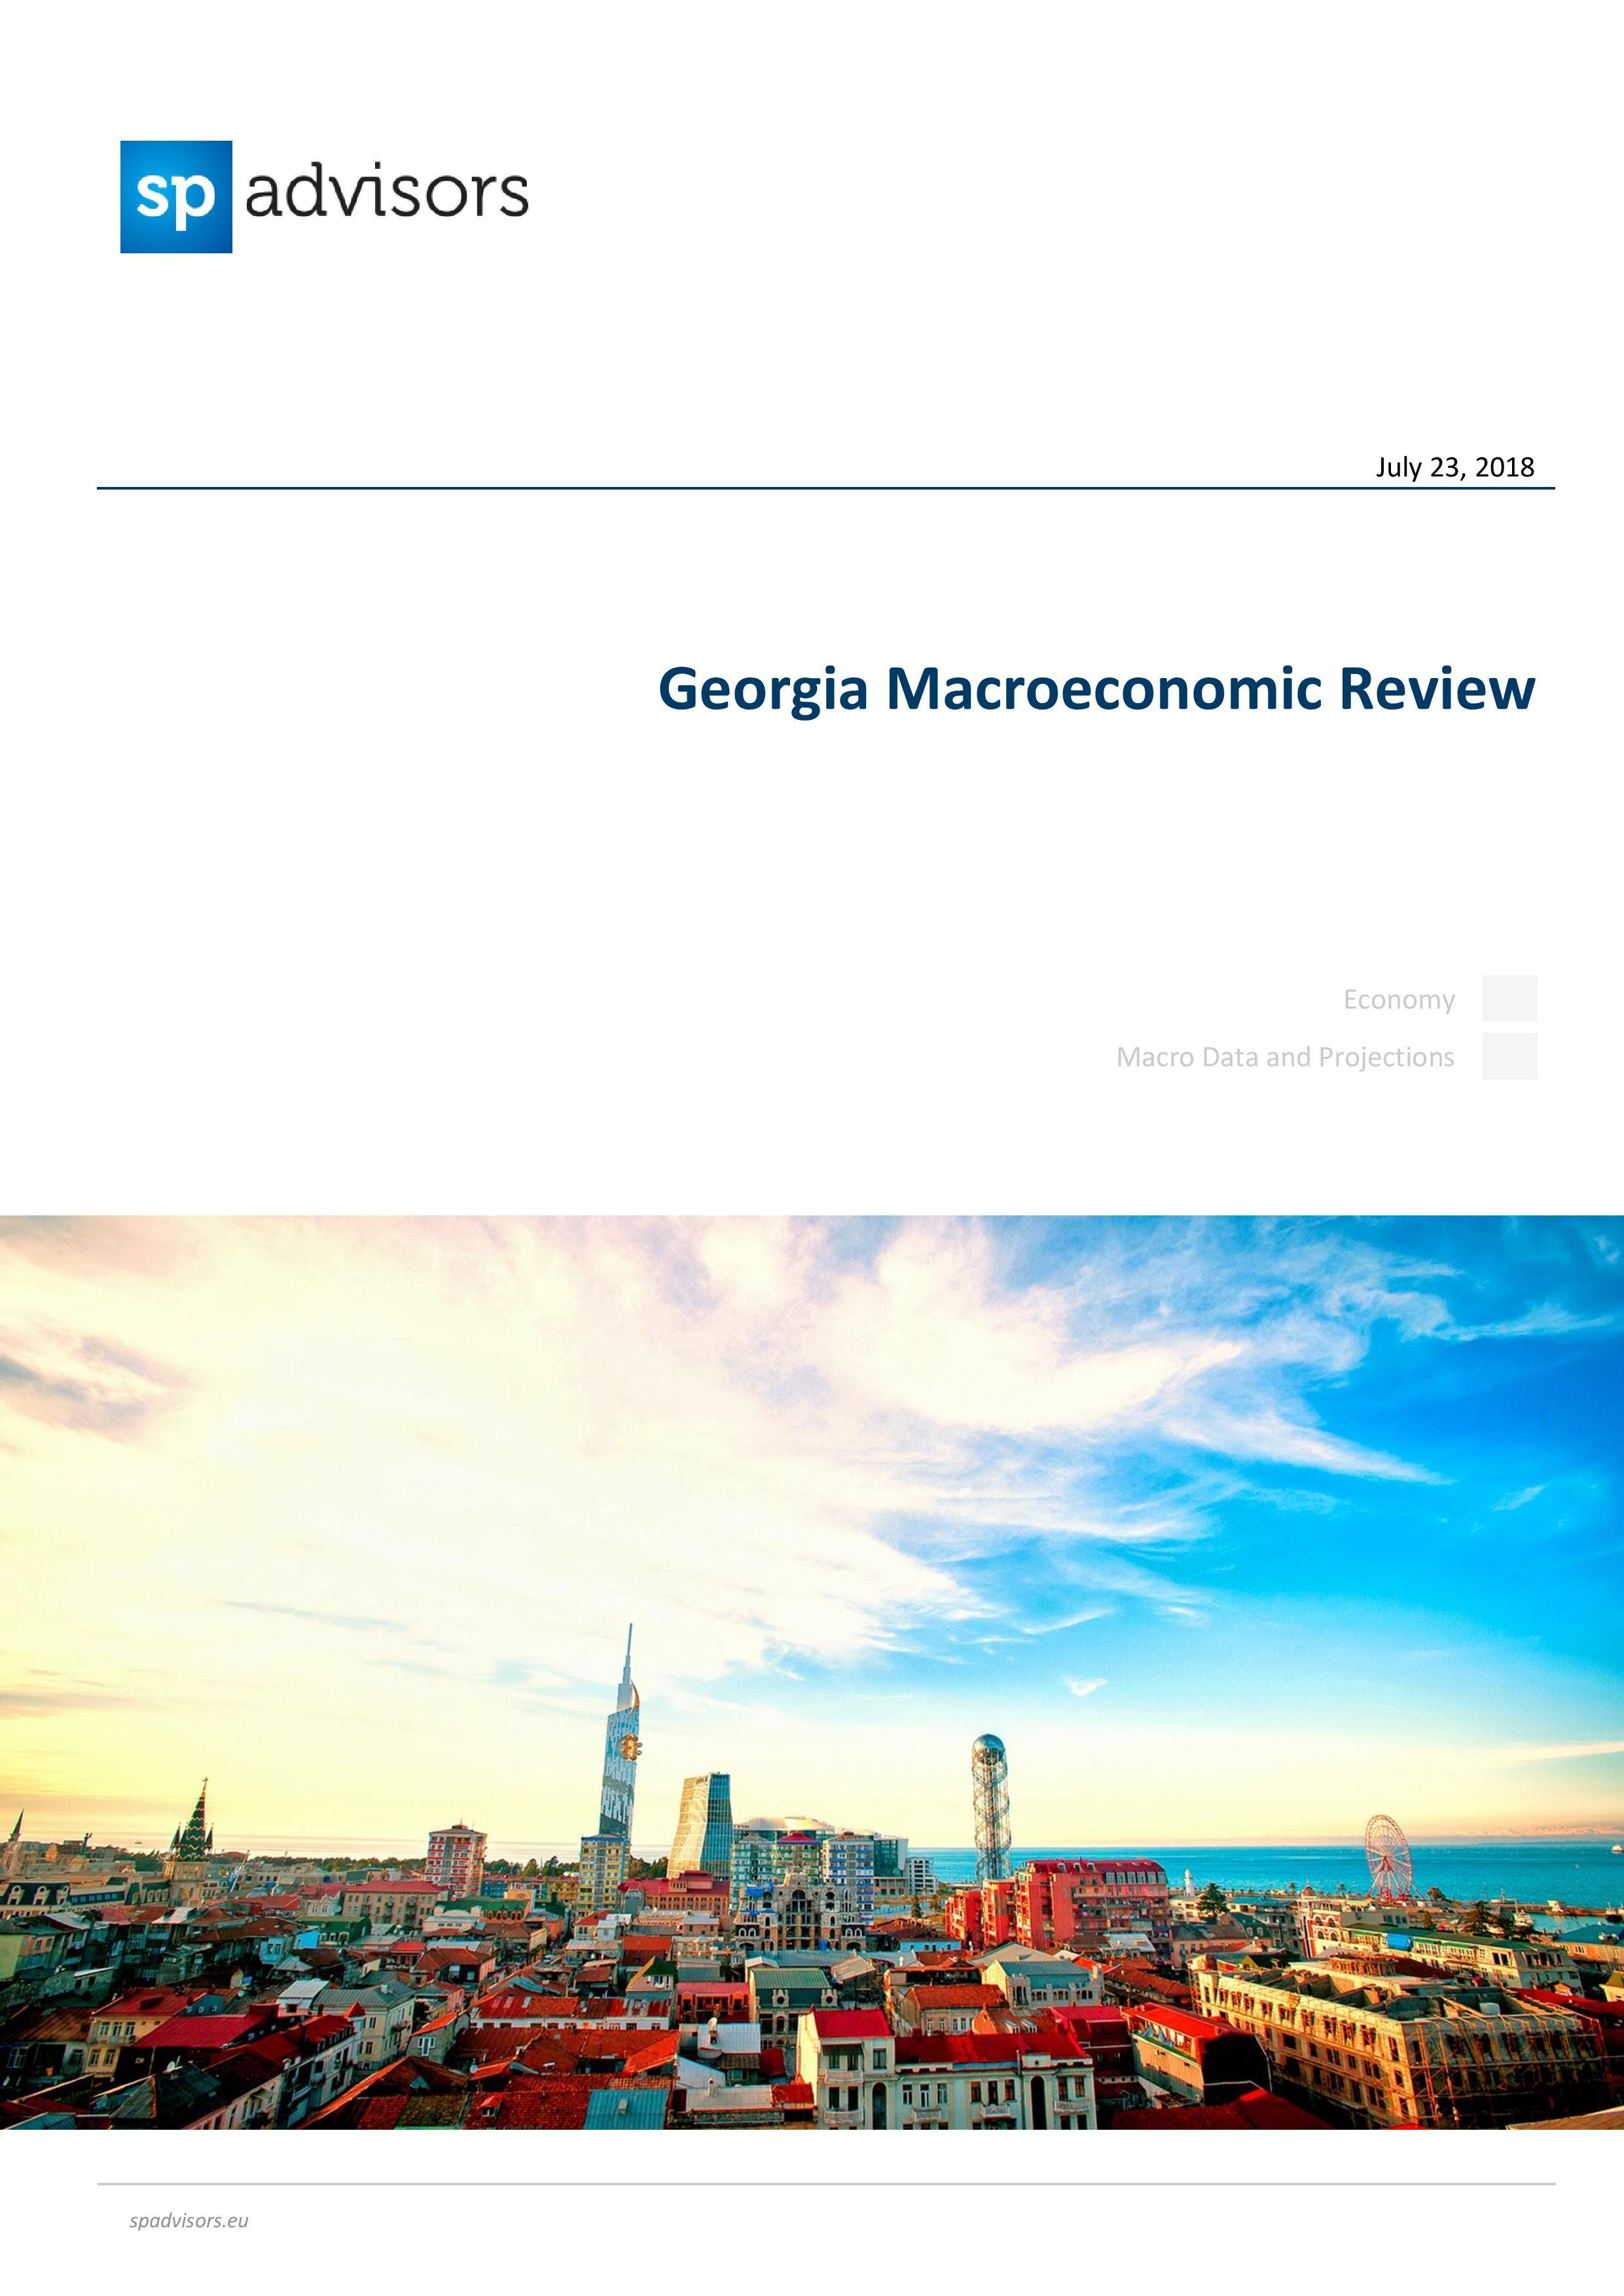 Огляд економіки Грузії. 23 липня 2018 року